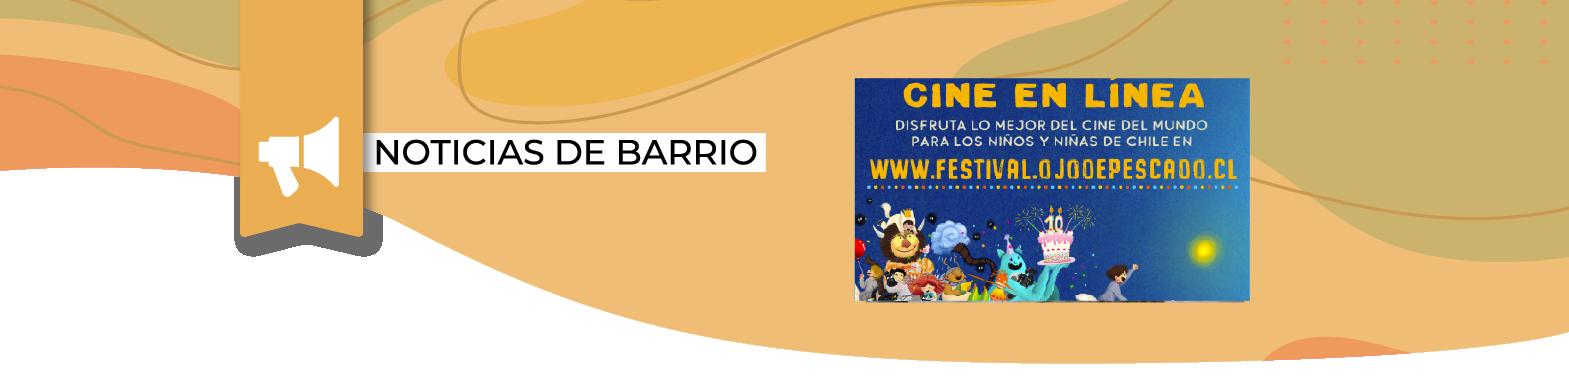 10° Festival Internacional Ojo de Pescado para niños, niñas y jóvenes